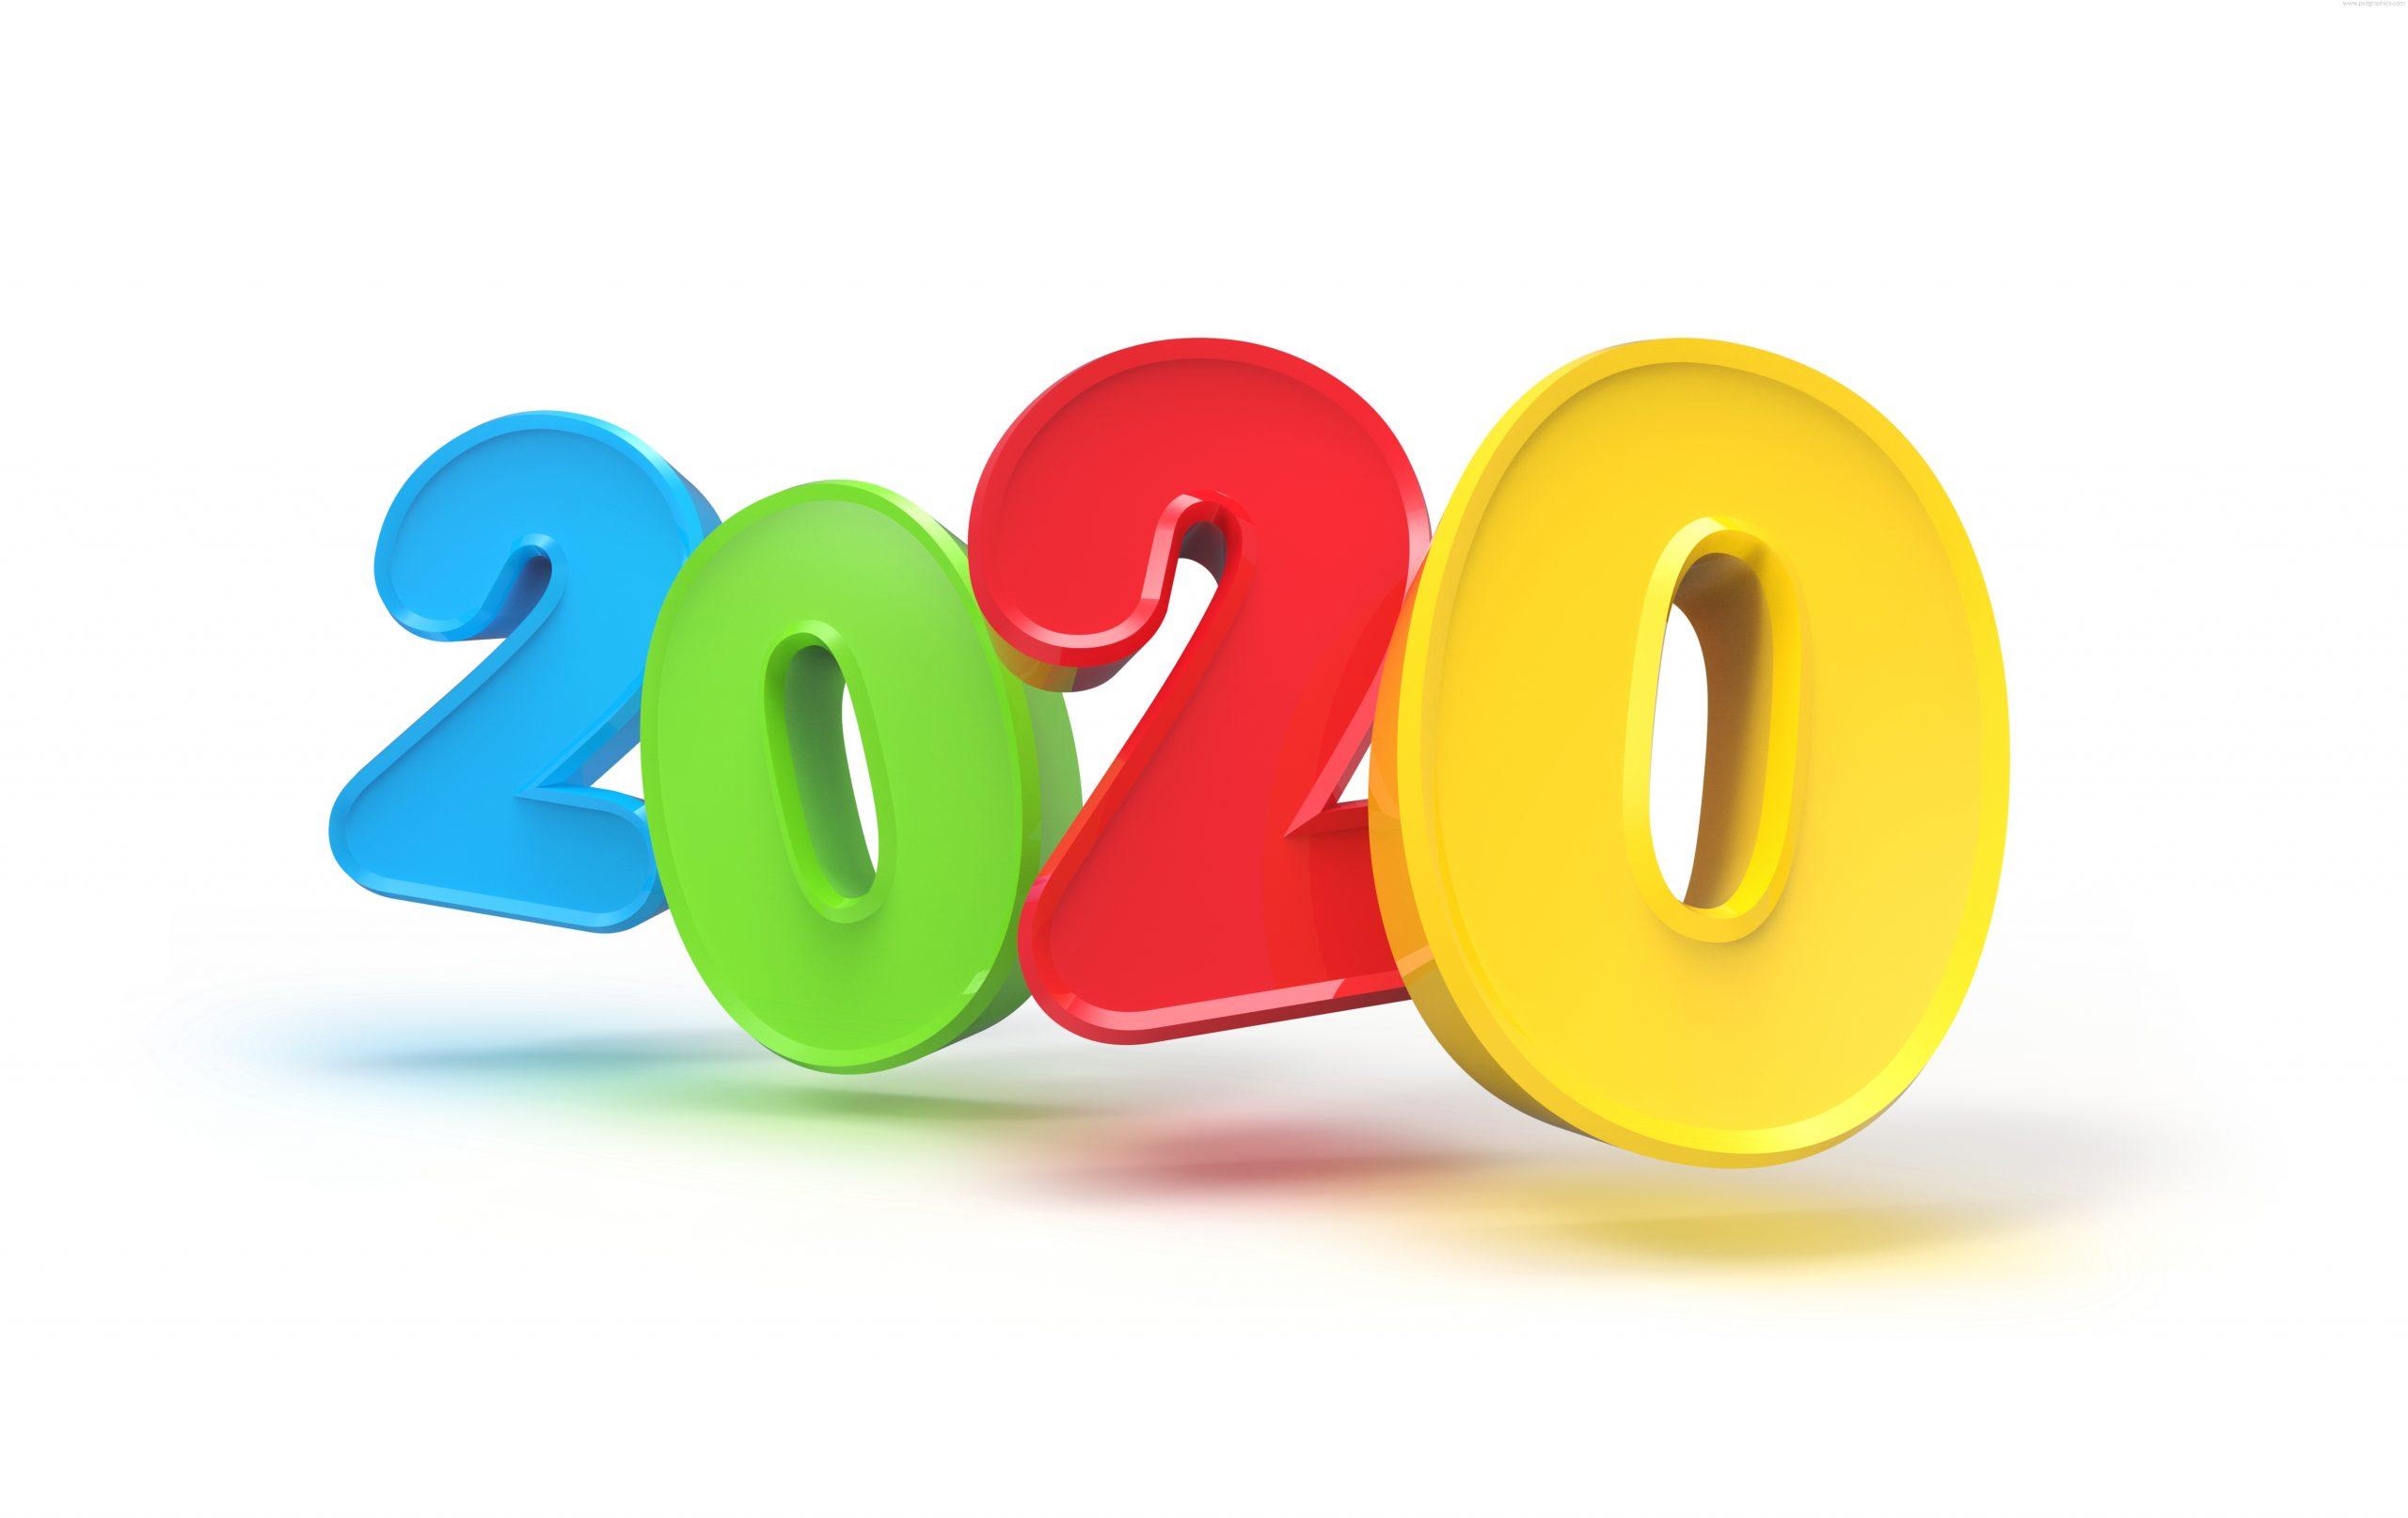 Новый год 2020 фон